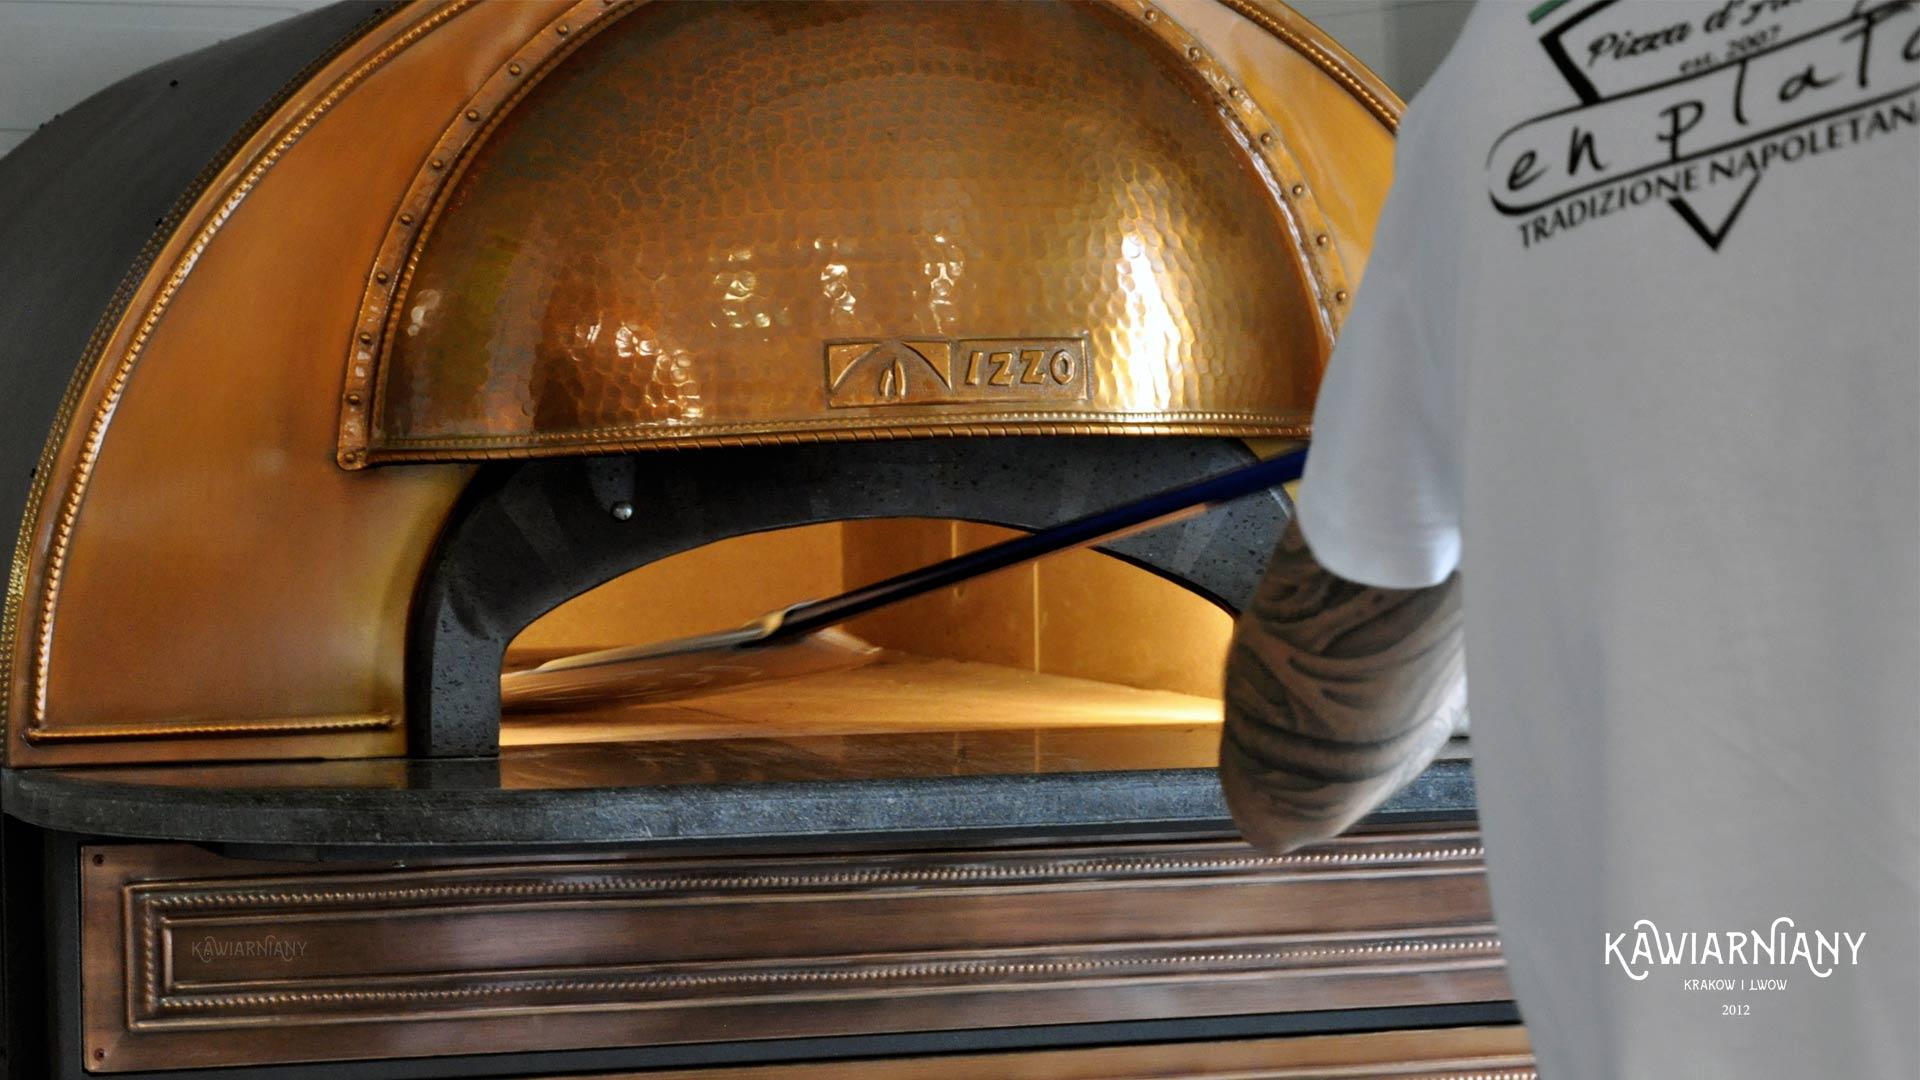 Pizzeria En Plato, Bibice, Kraków